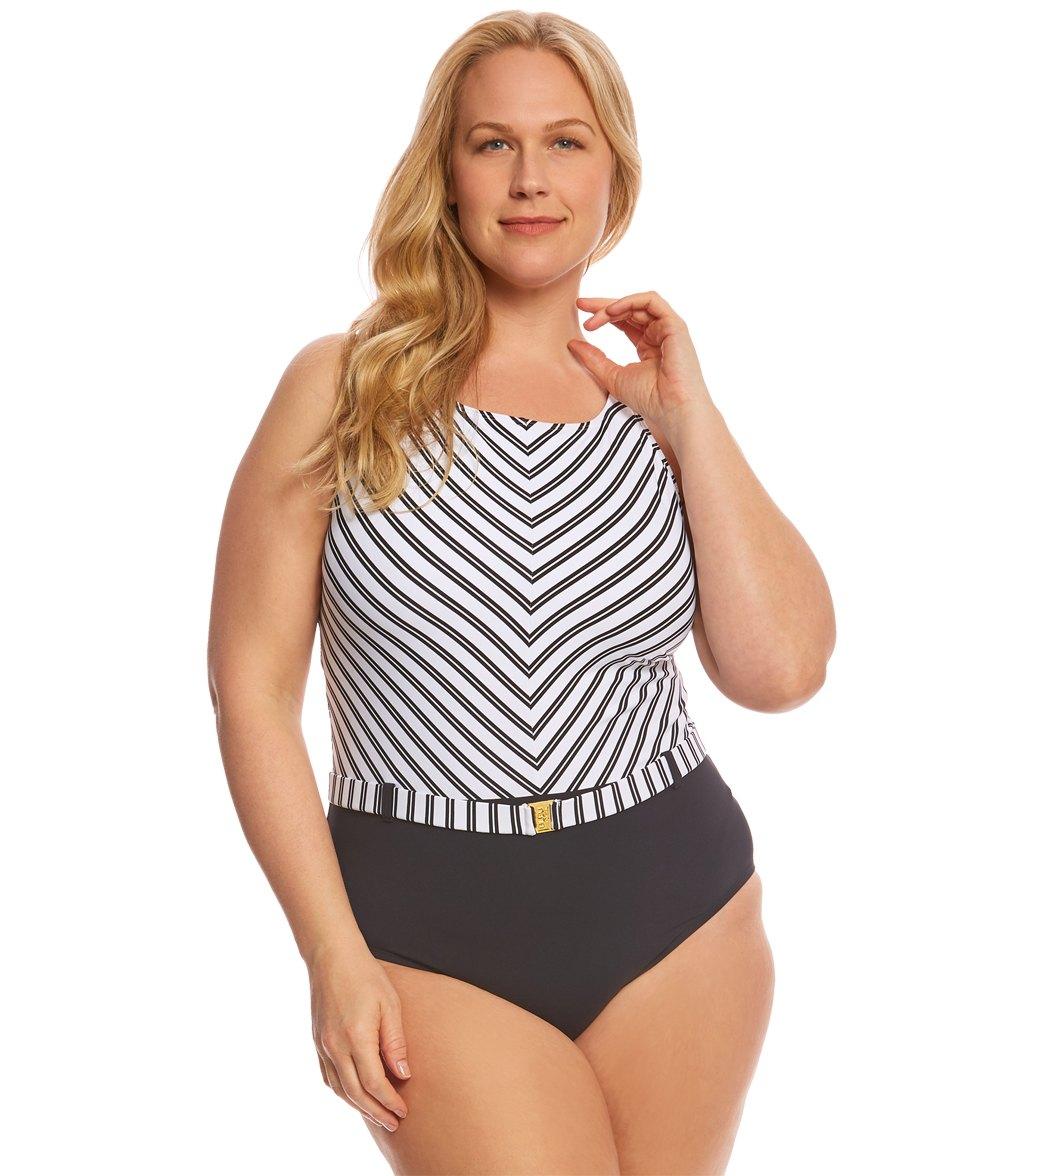 402b758b9e ... Low Waist Plus Size One Piece Swimsuit